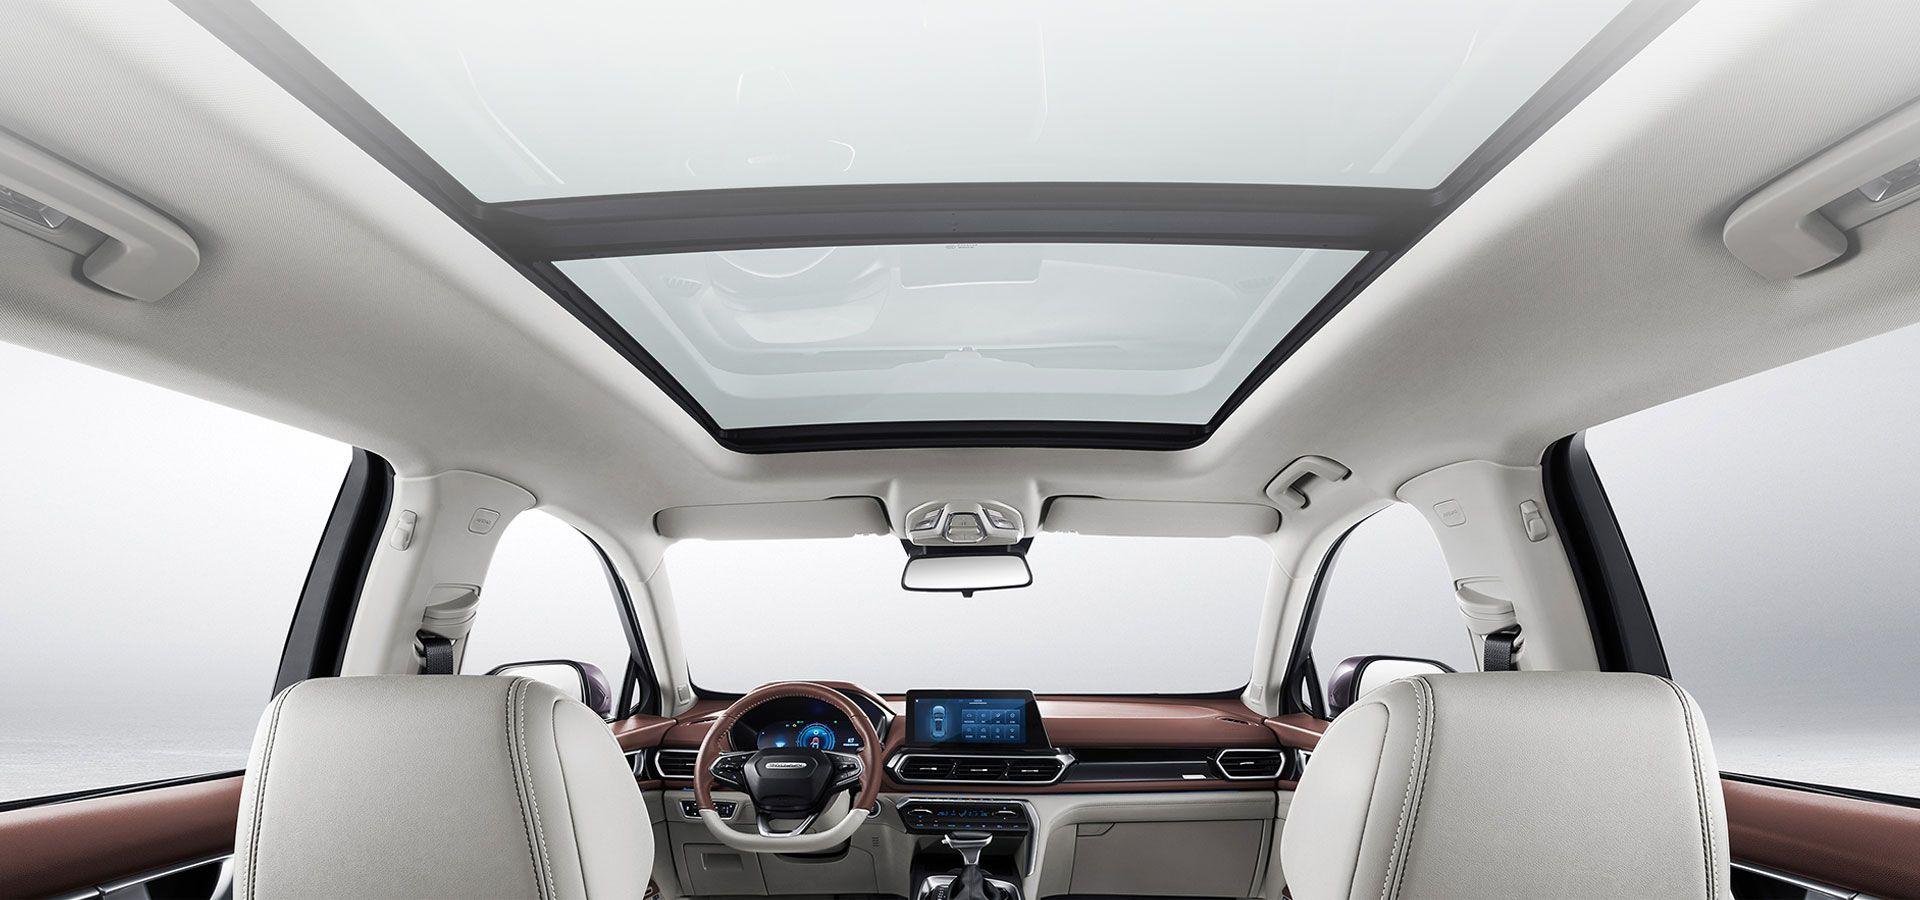 预售11.58万起 宝骏RS-5将于4月11日上市